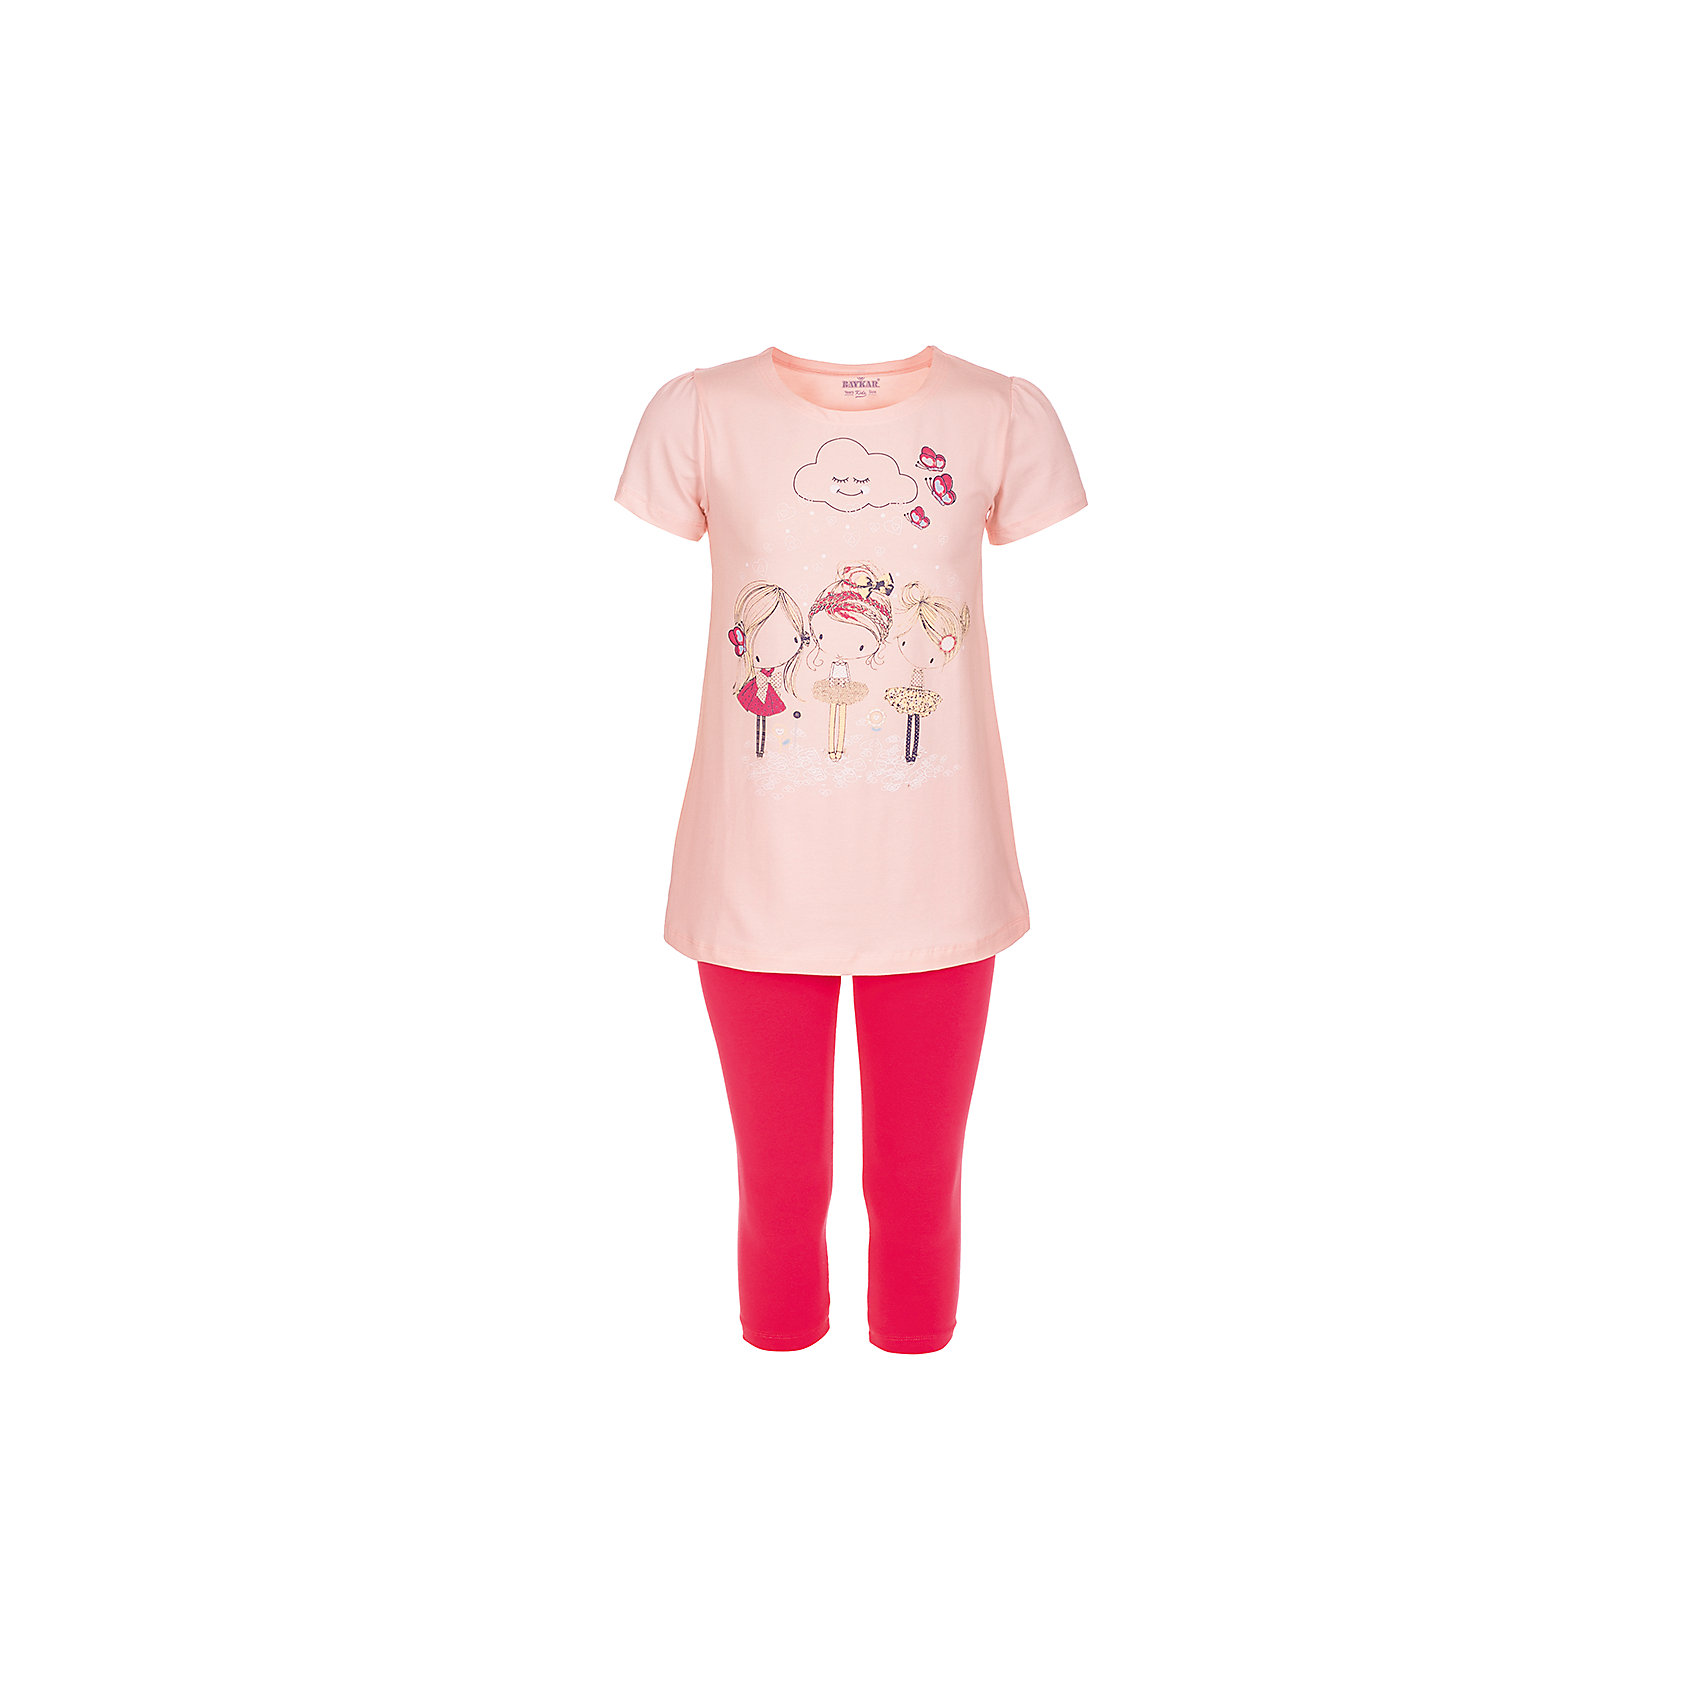 Пижама для девочки BaykarПижамы и сорочки<br>Характеристики товара:<br><br>• цвет: розовый<br>• состав ткани: 95% хлопок; 5% эластан<br>• комплектация: футболка, шорты<br>• пояс шорт: резинка<br>• сезон: круглый год<br>• страна бренда: Турция<br>• страна изготовитель: Турция<br><br>Удобная пижама для девочки Baykar украшена симпатичным принтом. Этот комплект для сна из футболки и шорт сделан из мягкого дышащего материала. <br><br>Продуманный крой обеспечивает комфортную посадку. Розовая пижама для девочки позволяет обеспечить комфортный сон.<br><br>Пижаму для девочки Baykar (Байкар) можно купить в нашем интернет-магазине.<br><br>Ширина мм: 281<br>Глубина мм: 70<br>Высота мм: 188<br>Вес г: 295<br>Цвет: розовый<br>Возраст от месяцев: 120<br>Возраст до месяцев: 132<br>Пол: Женский<br>Возраст: Детский<br>Размер: 140/146,134/140,128/134,122/128<br>SKU: 6764857